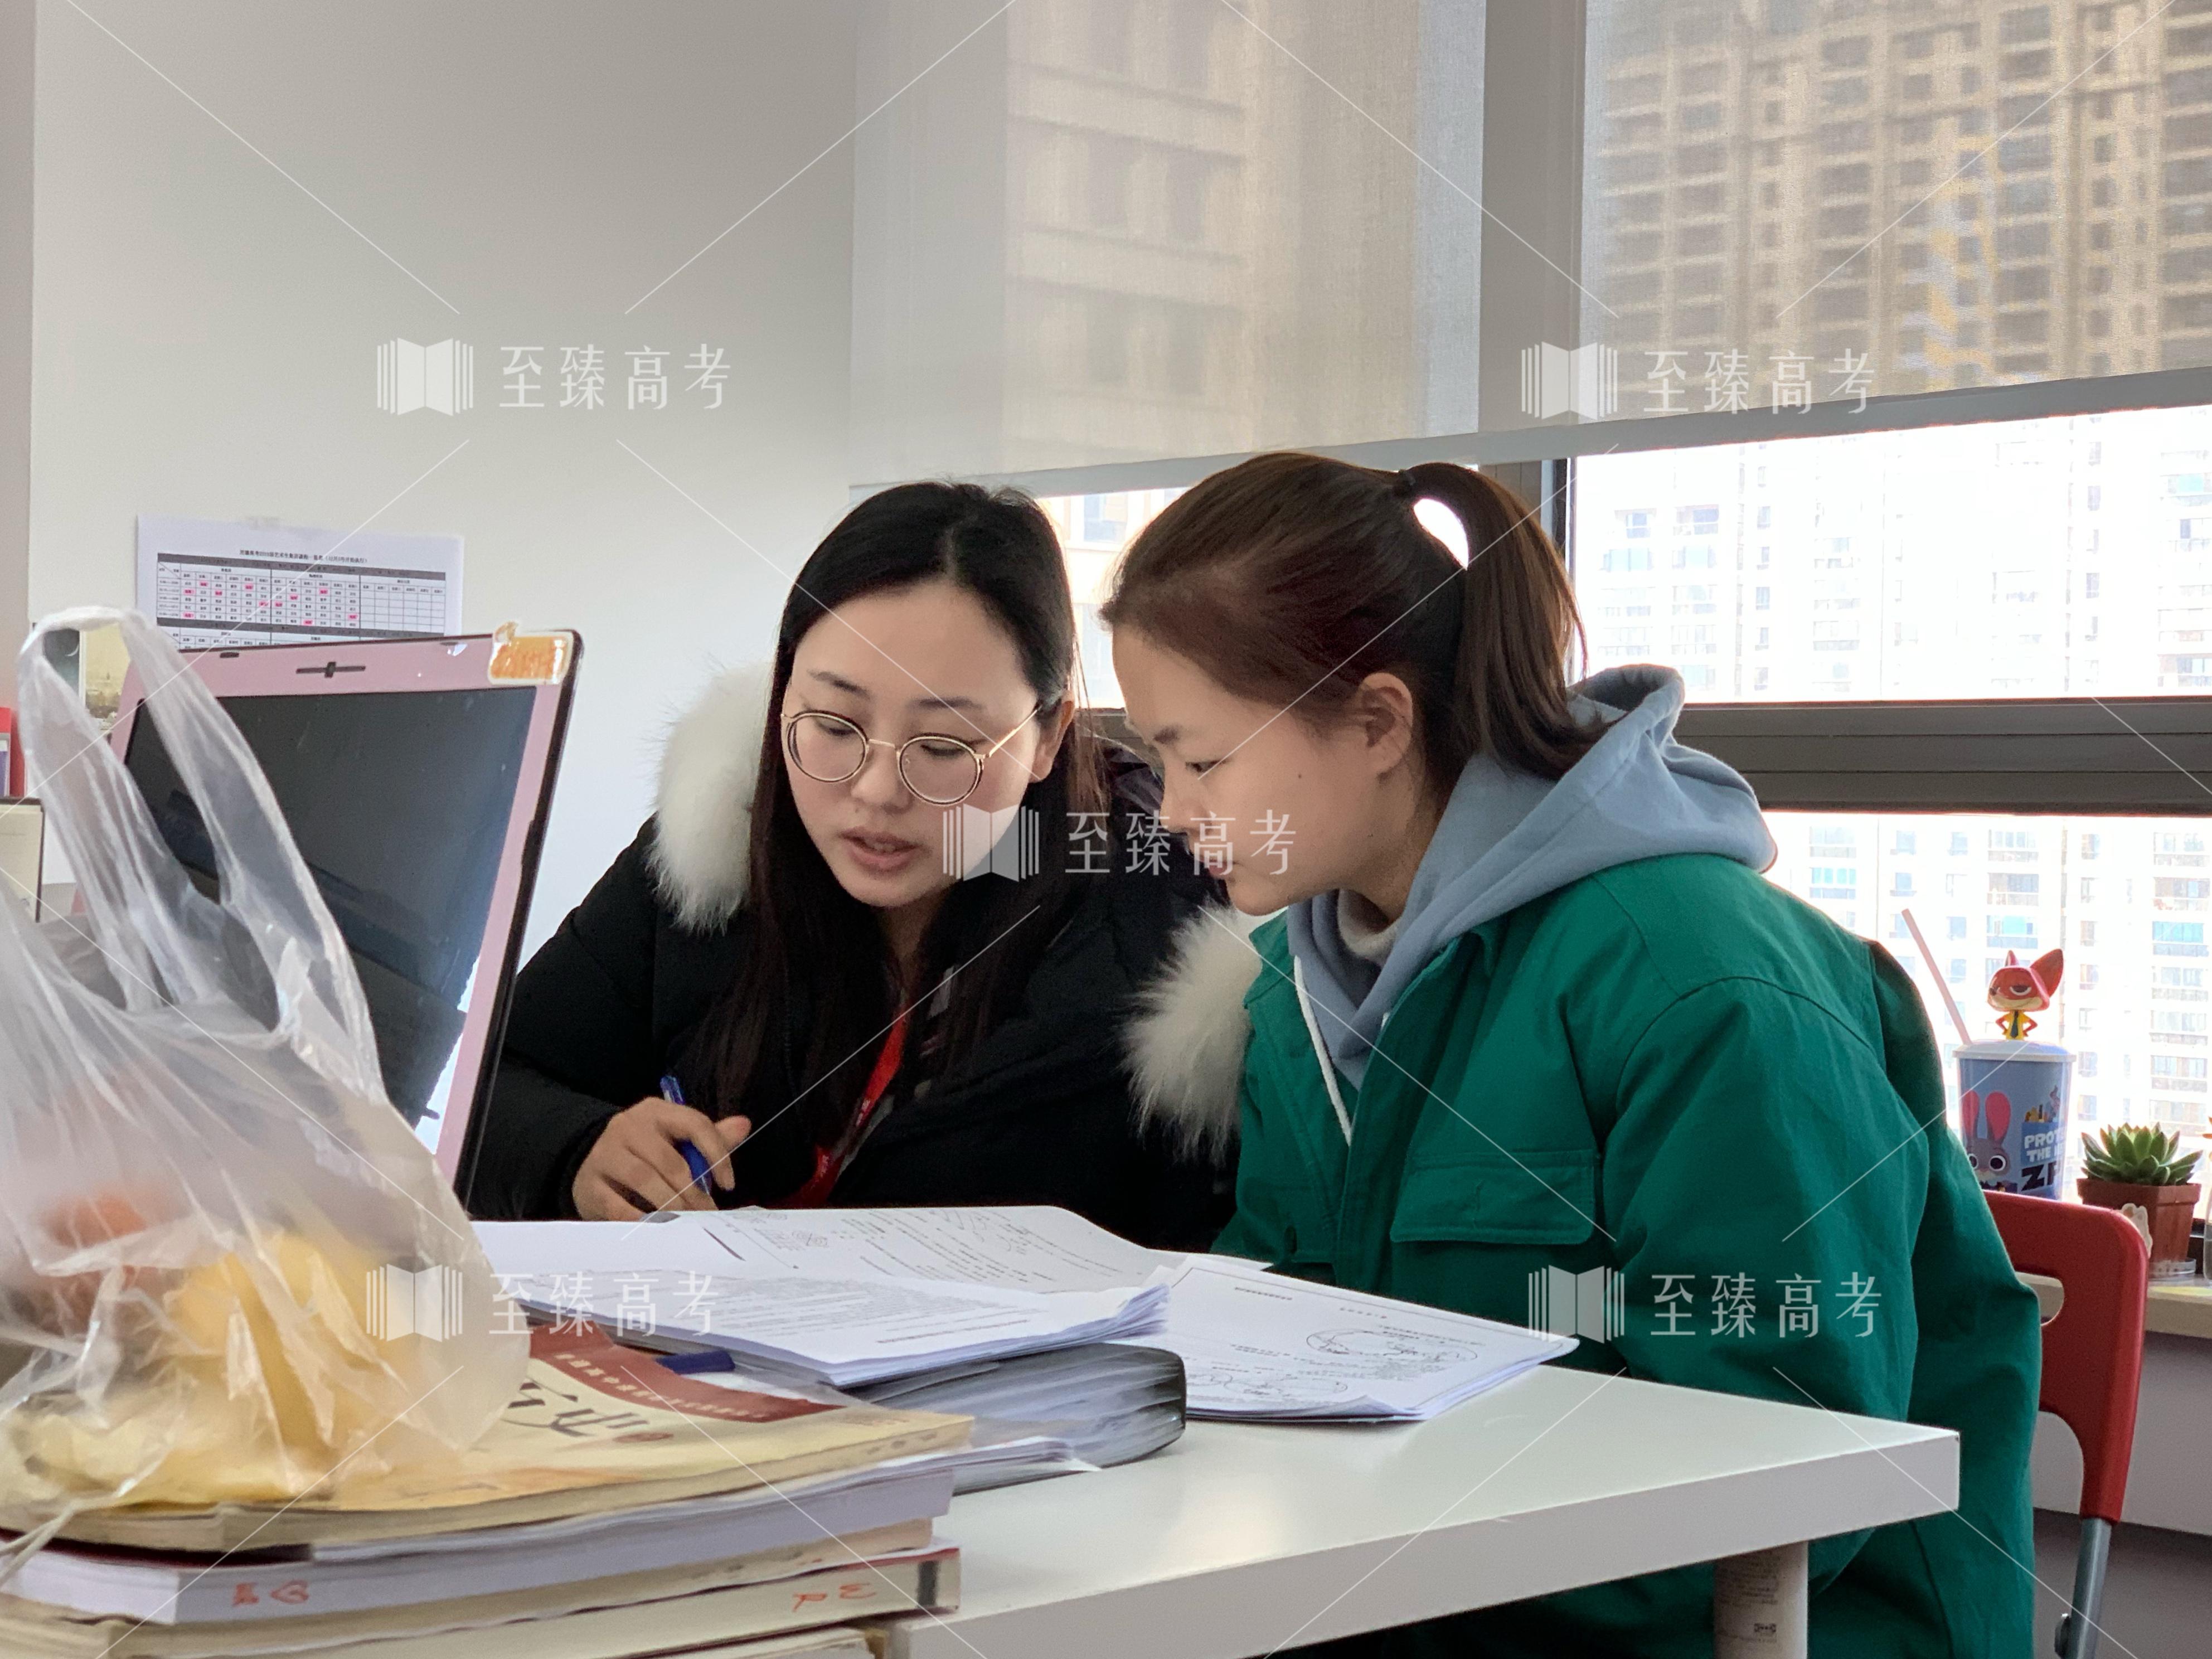 武汉JBO电竞比赛竞博电竞电子竞技竞猜培训班